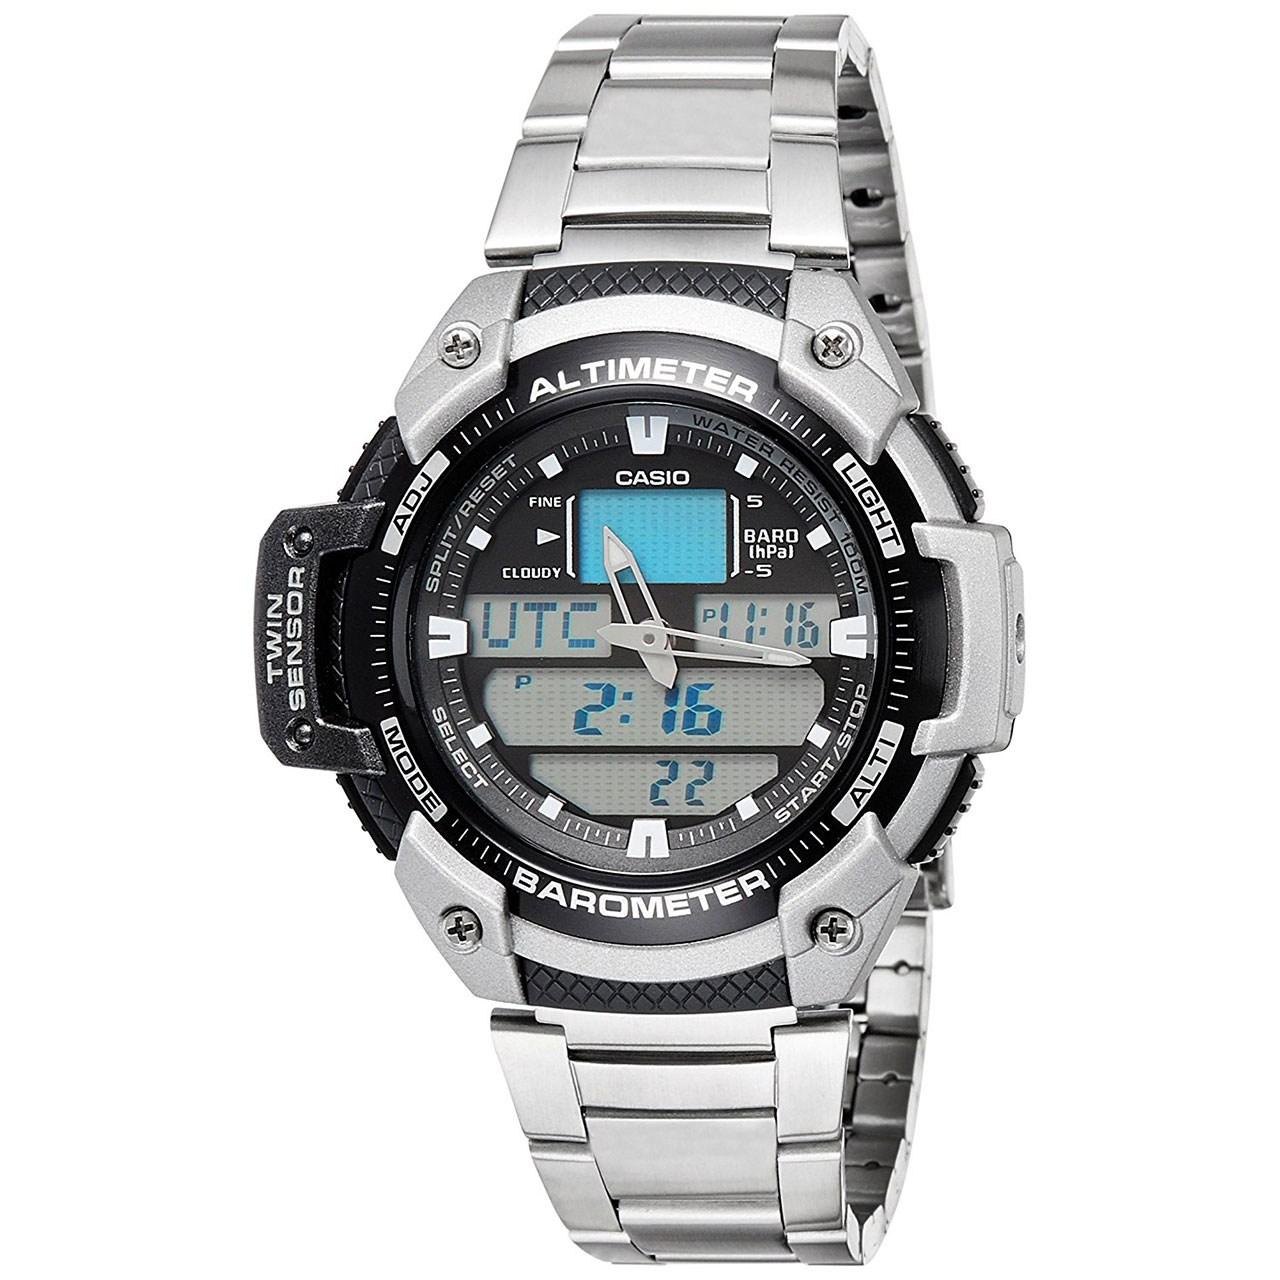 ساعت مچی دیجیتال مردانه کاسیو مدل SGW-400HD-1BVDR